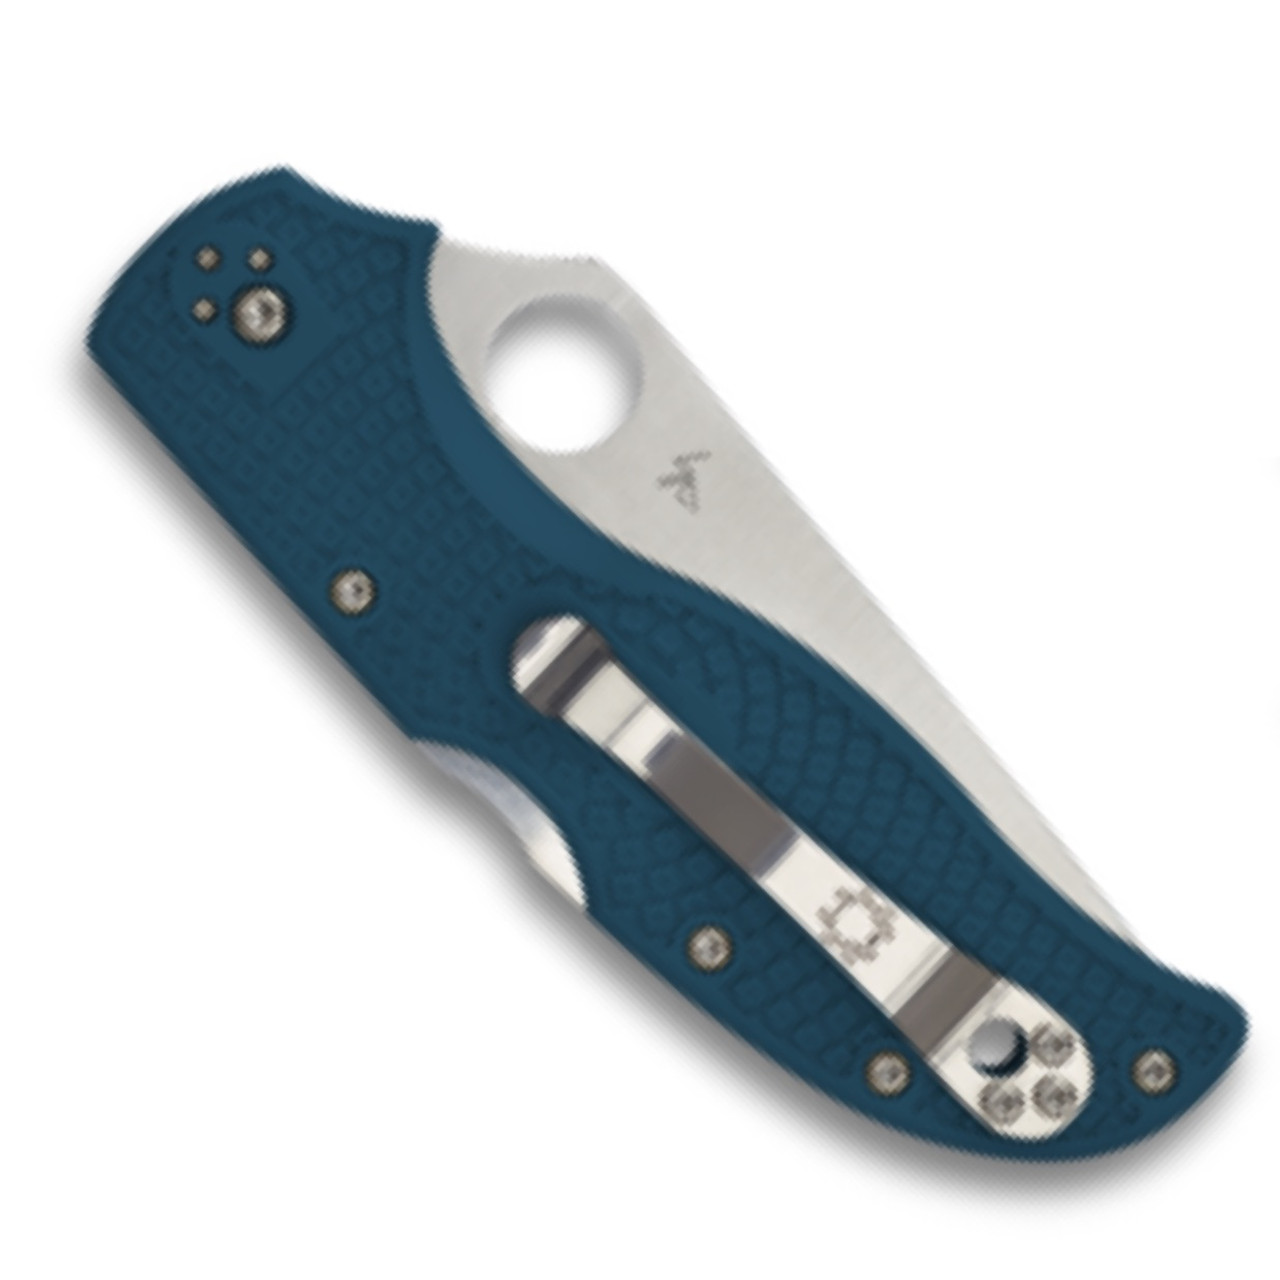 Spyderco C90FP2K390 Stretch 2 K390, Blue FRN